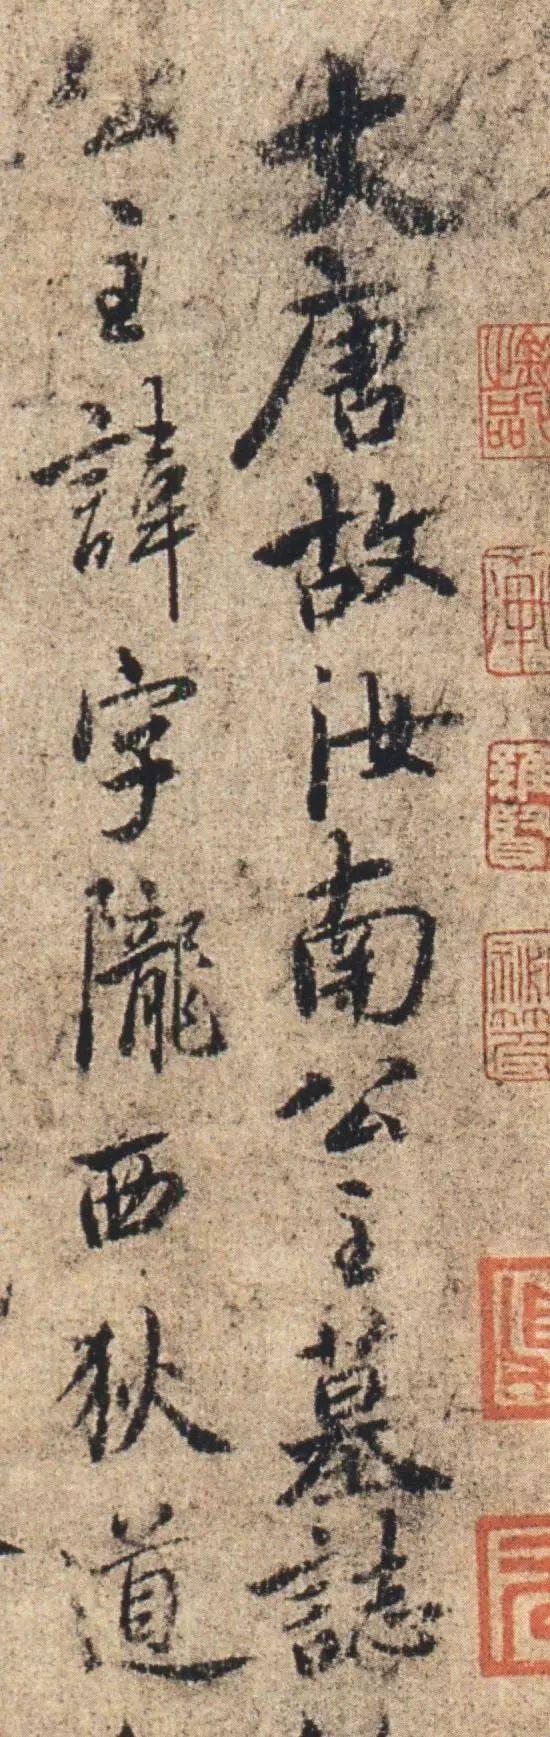 虞世南《大唐汝南公主墓志铭稿卷》